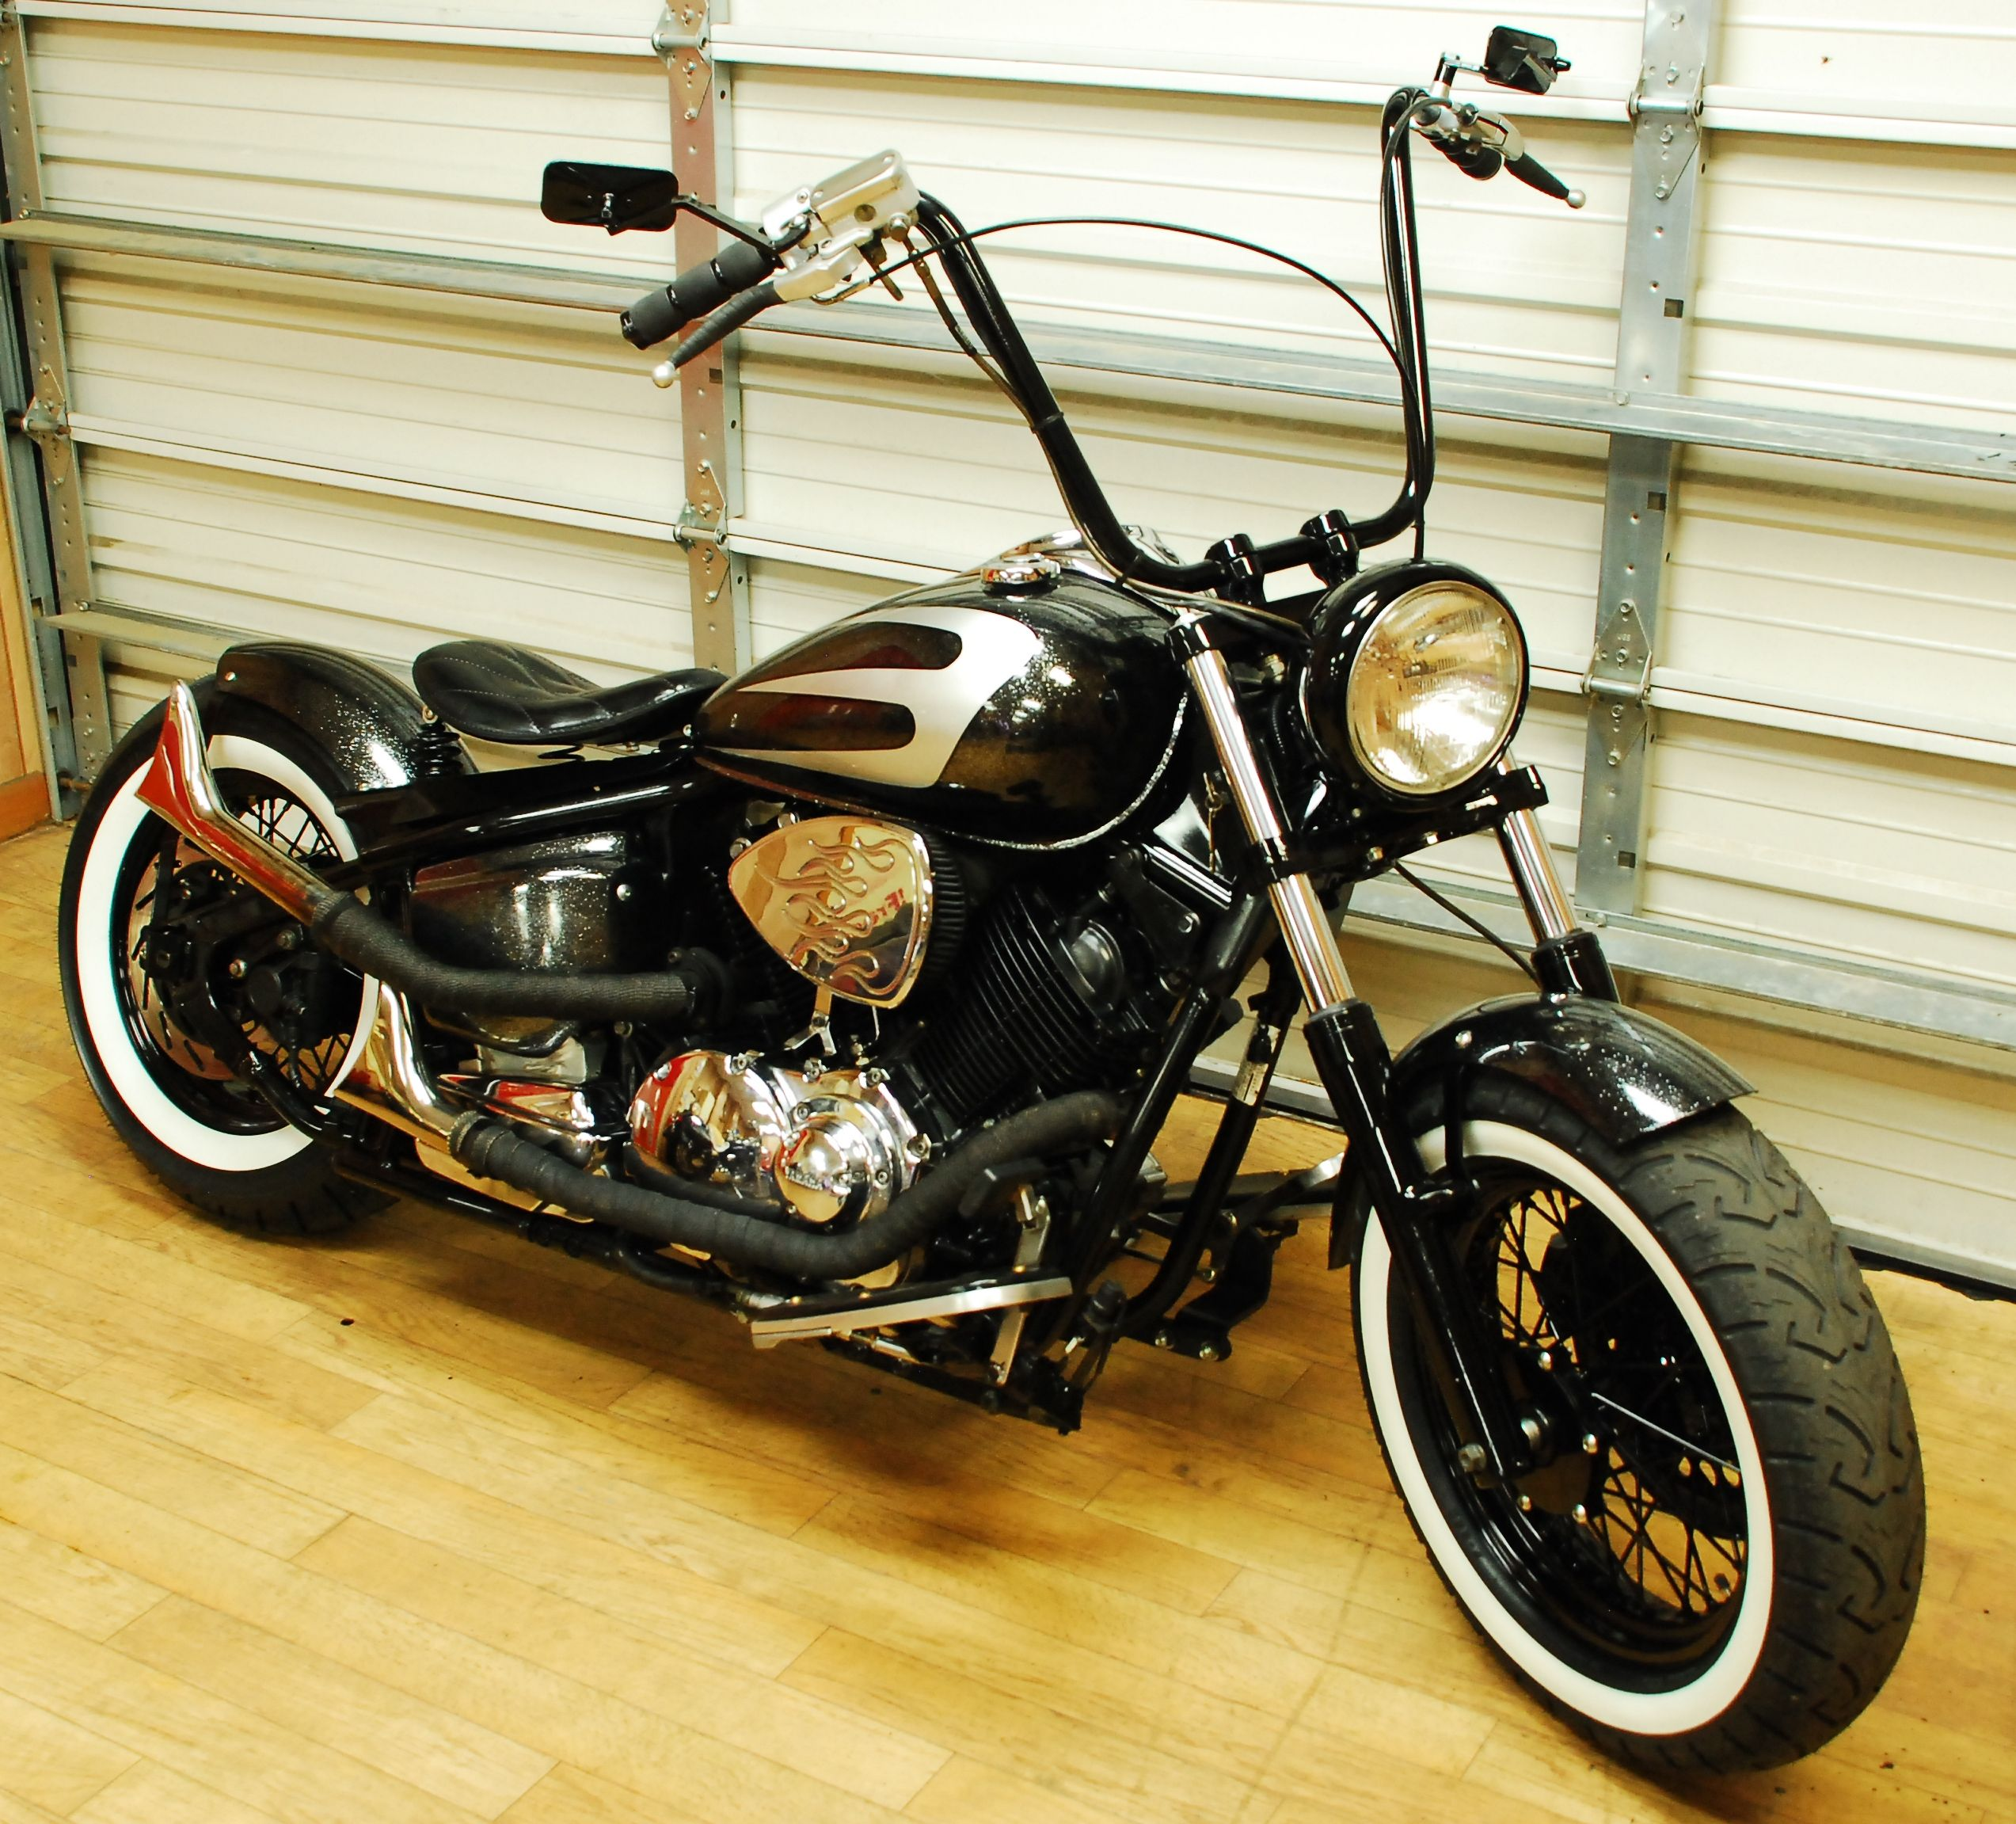 V-star 650 | Yamaha - Custom - Bikes | Pinterest